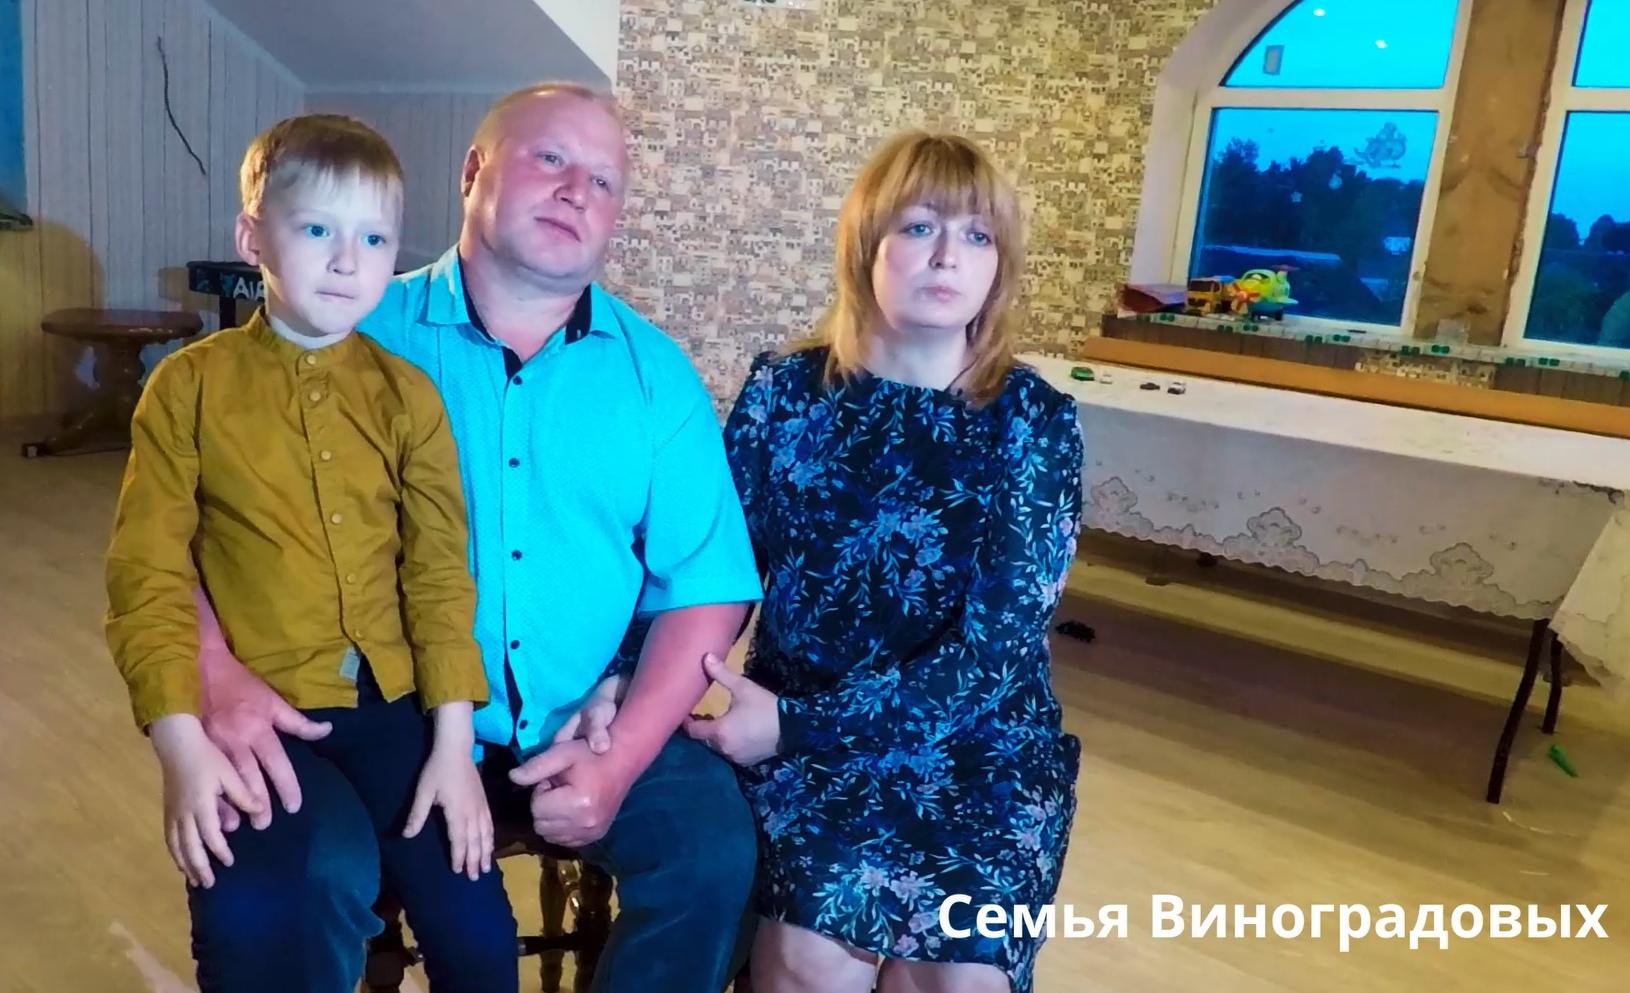 Многодетная семья из Твери рассказала, чего ждет от поправок в Конституцию